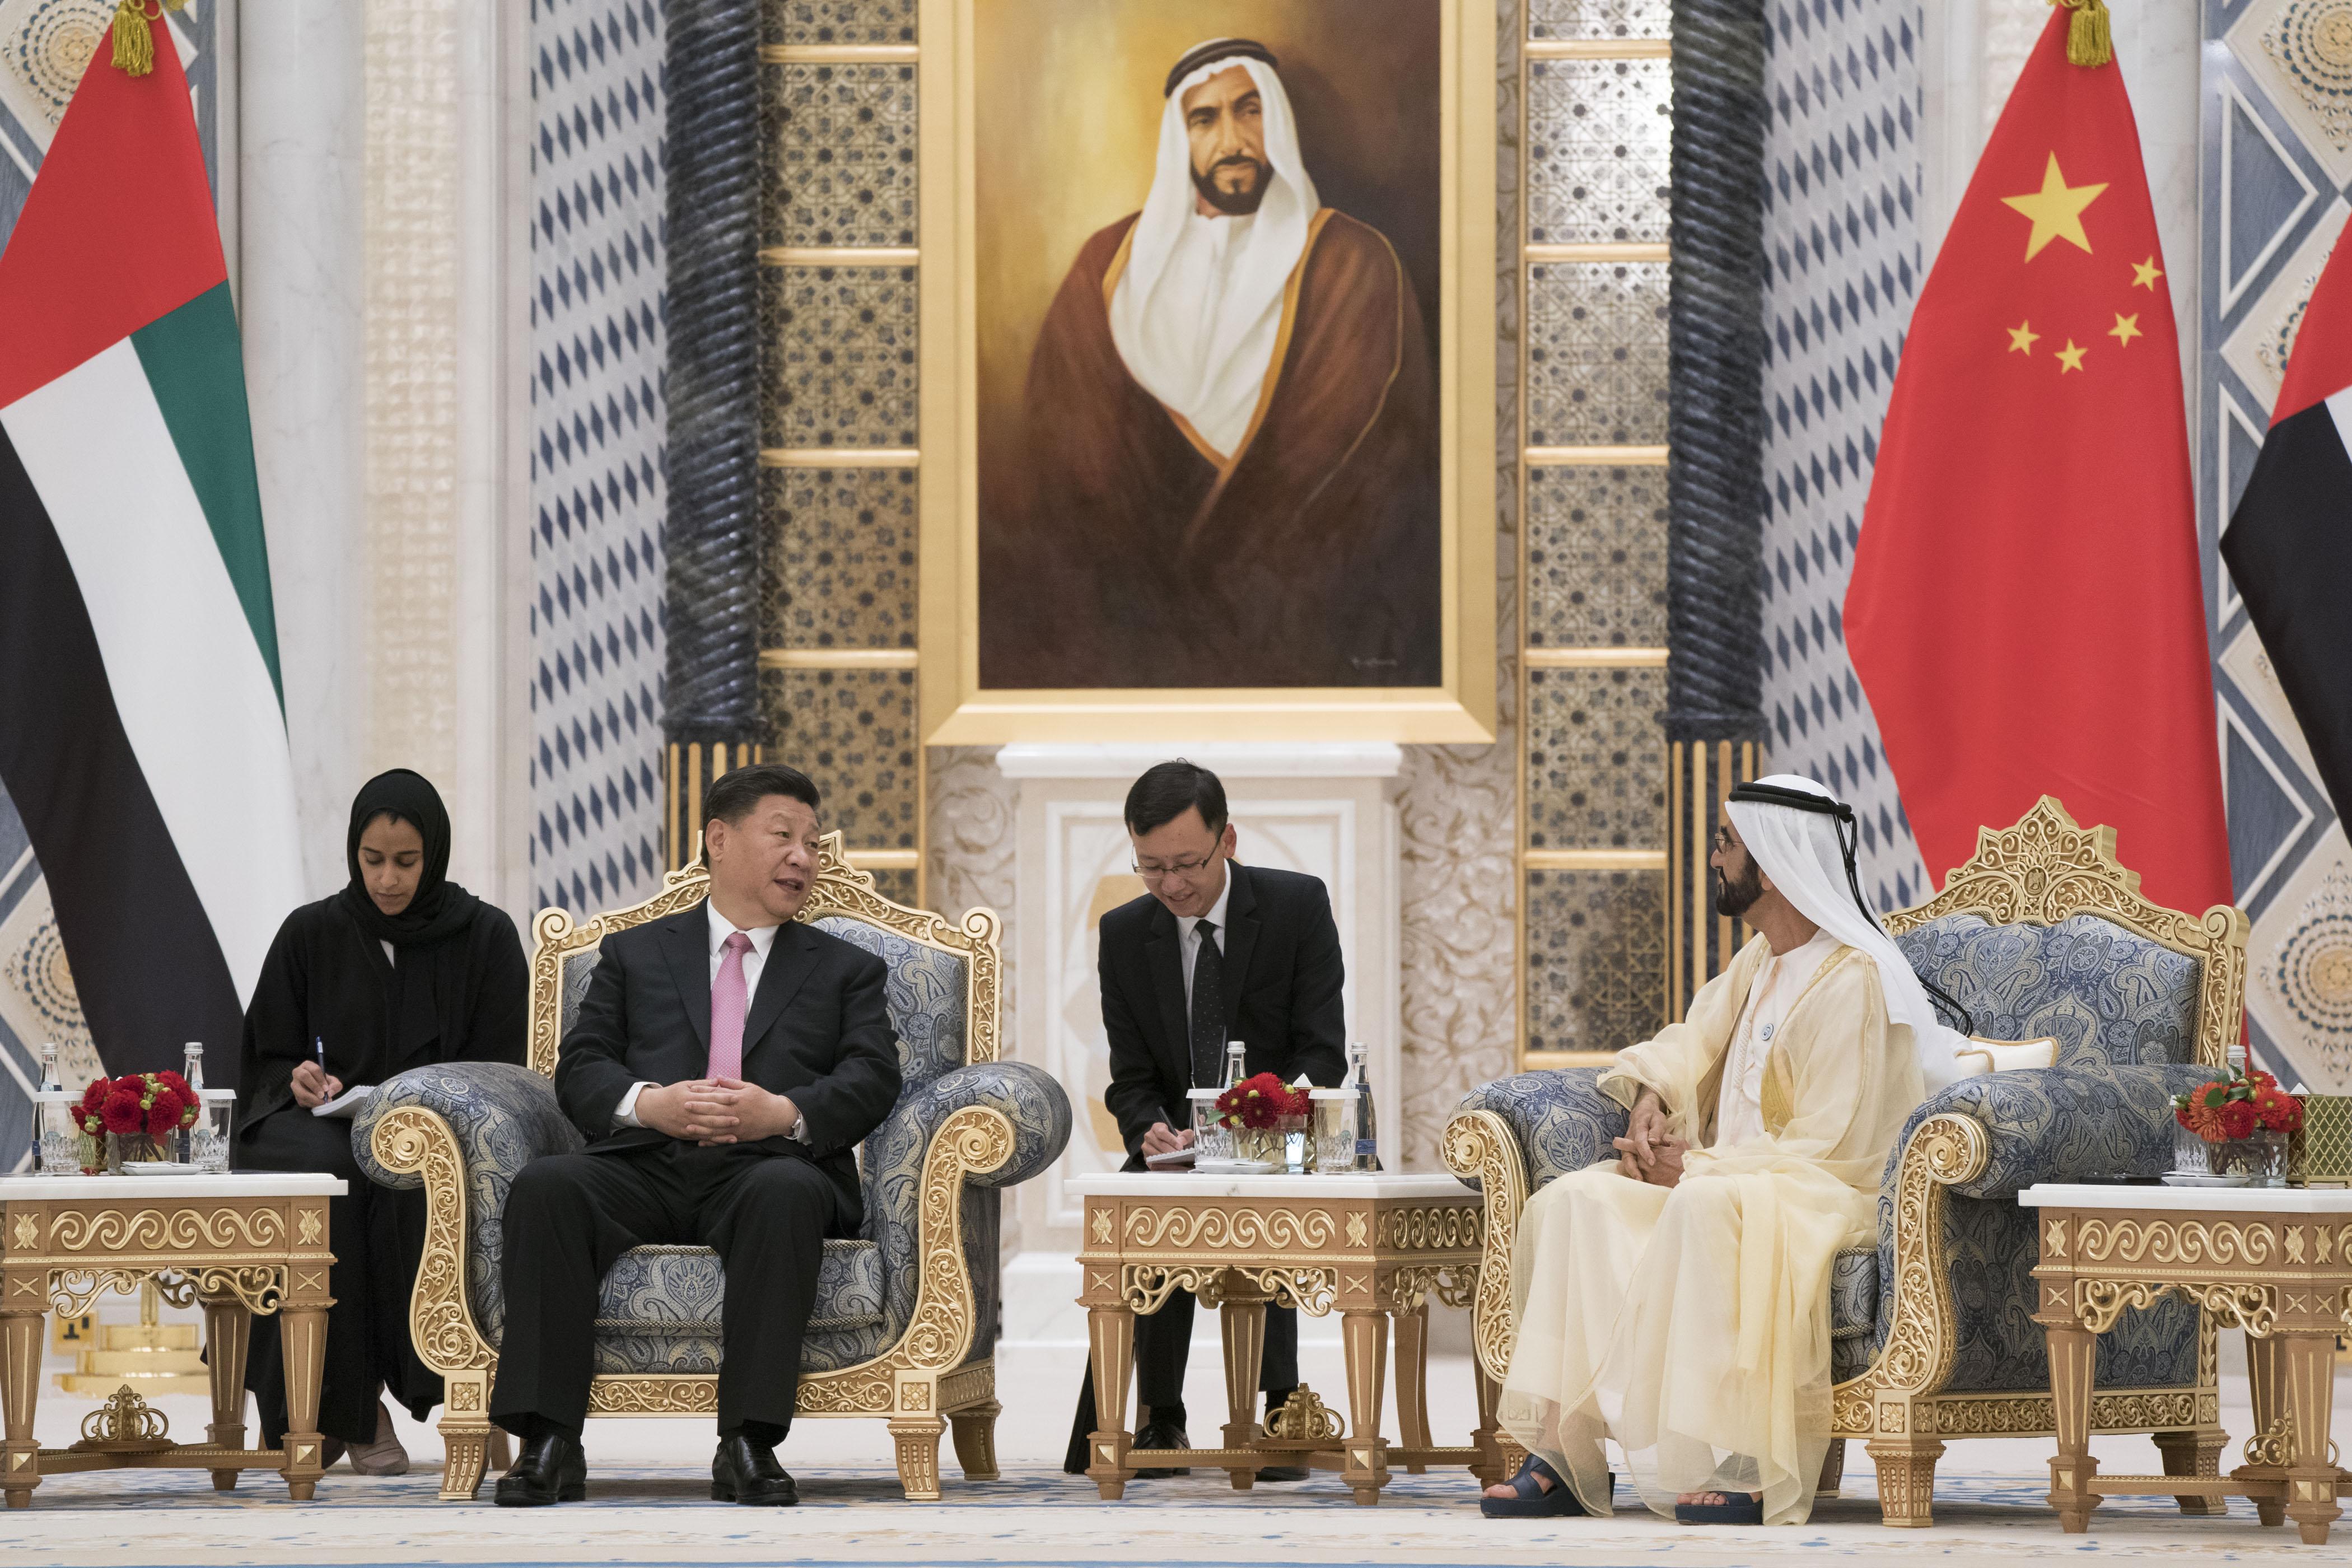 محمد بن راشد ومحمد بن زايد والرئيس الصيني يشهدون مراسم تبادل 13 اتفاقية ومذكرة تفاهم موقعة بين البلدين. 2